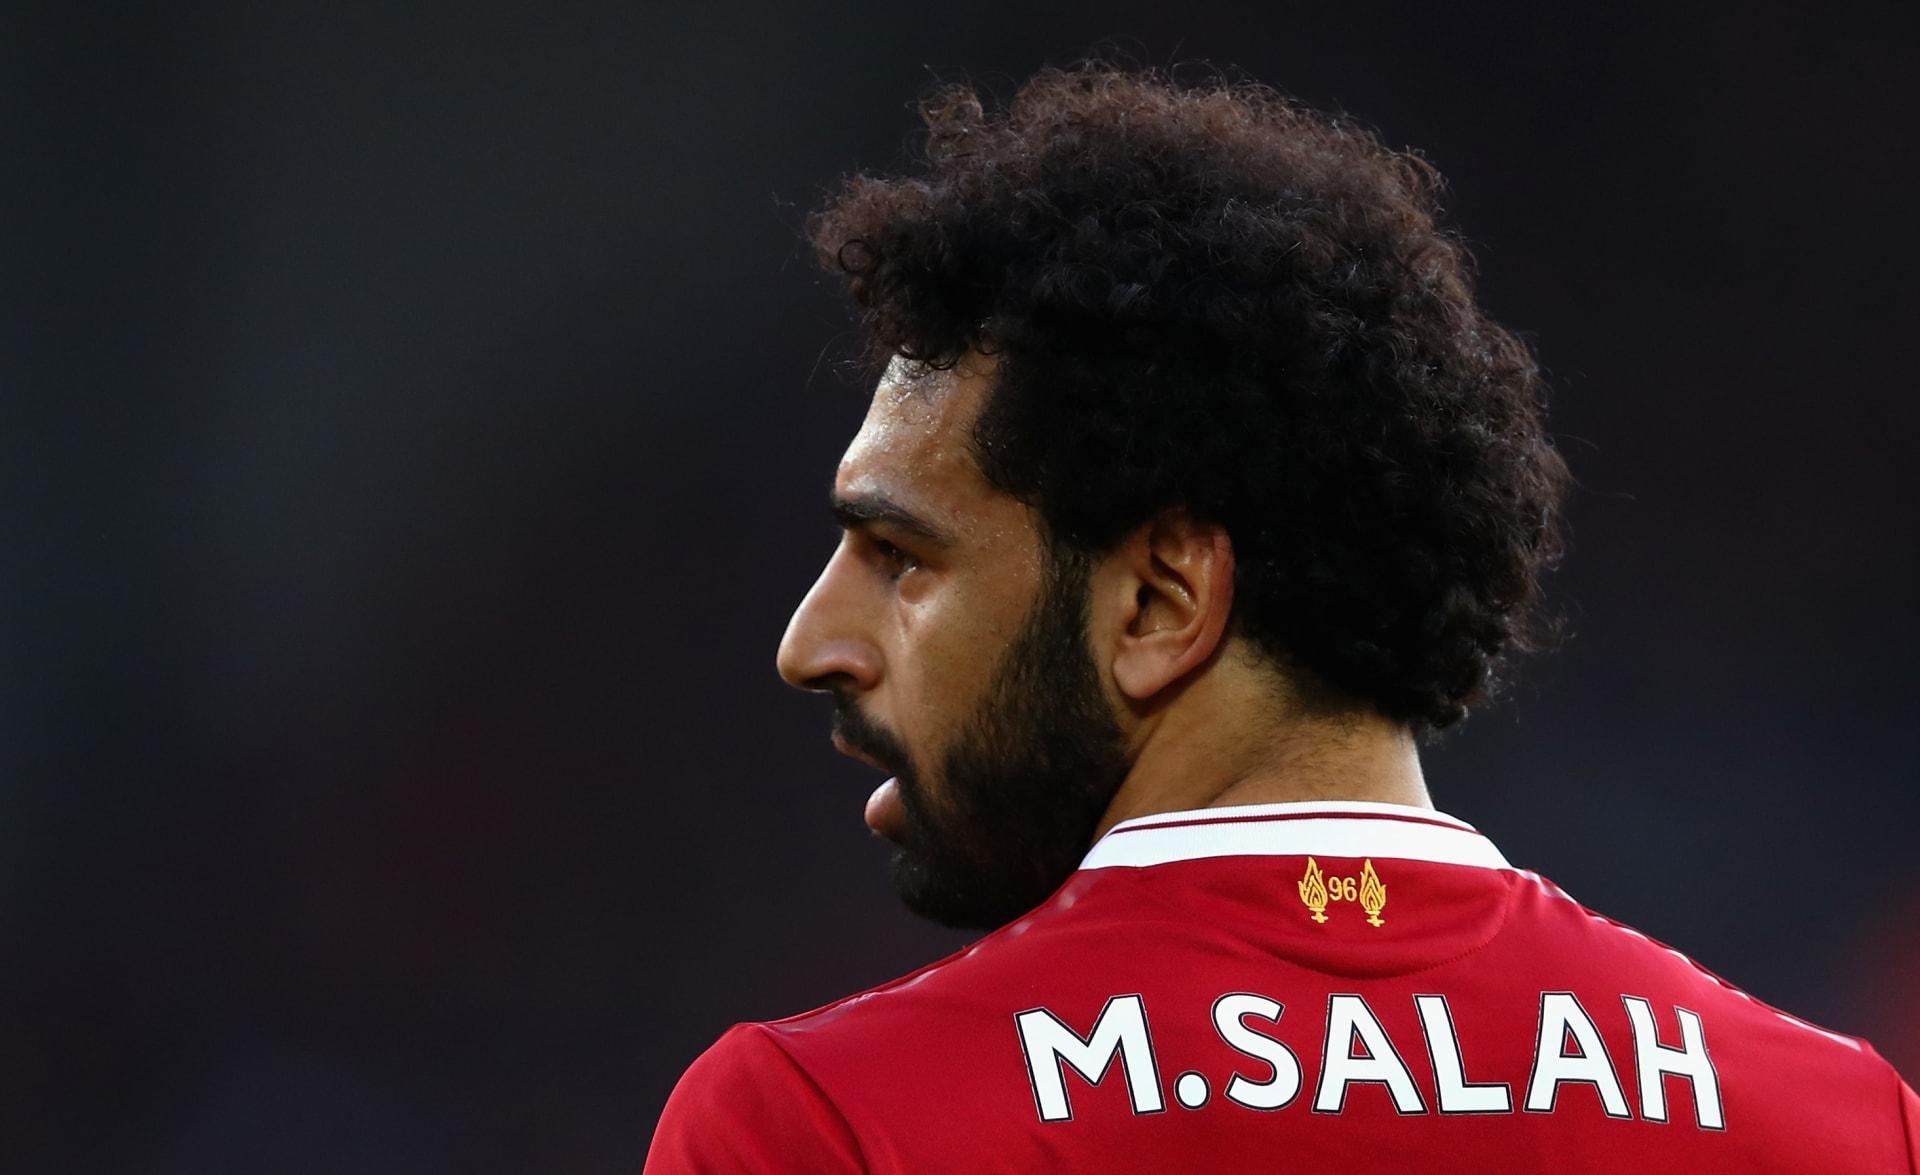 قائد ليفربول يكشف دعابة محمد صلاح عن هدف هاري كين أمام ستوك